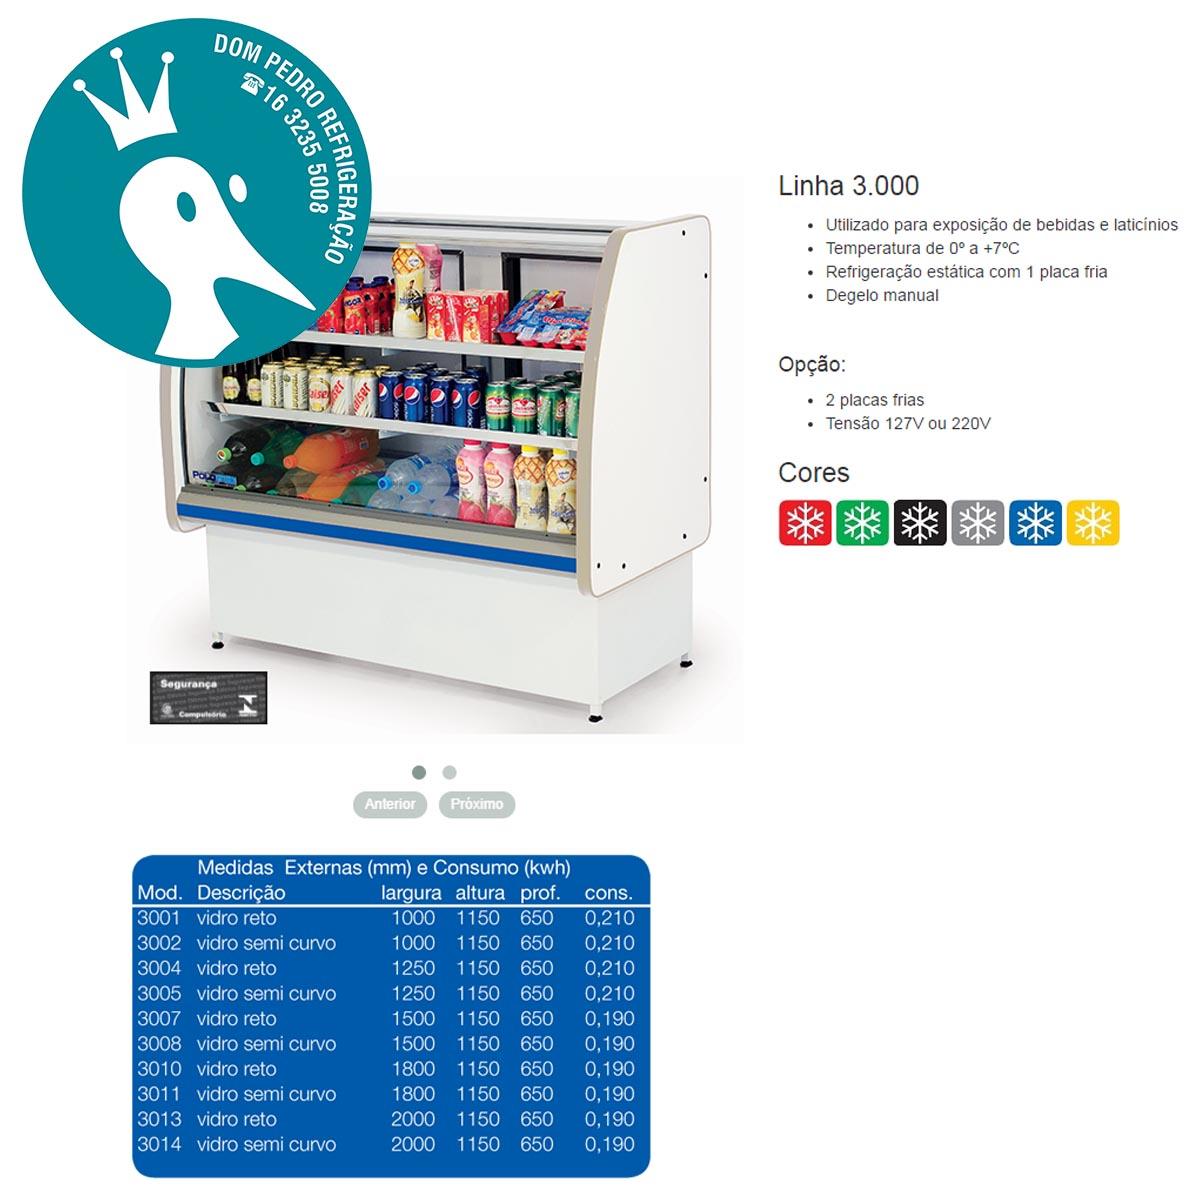 Balcão Refrigerado Pop Luxo Vidro Semi Curvo 2,00 - Polofrio